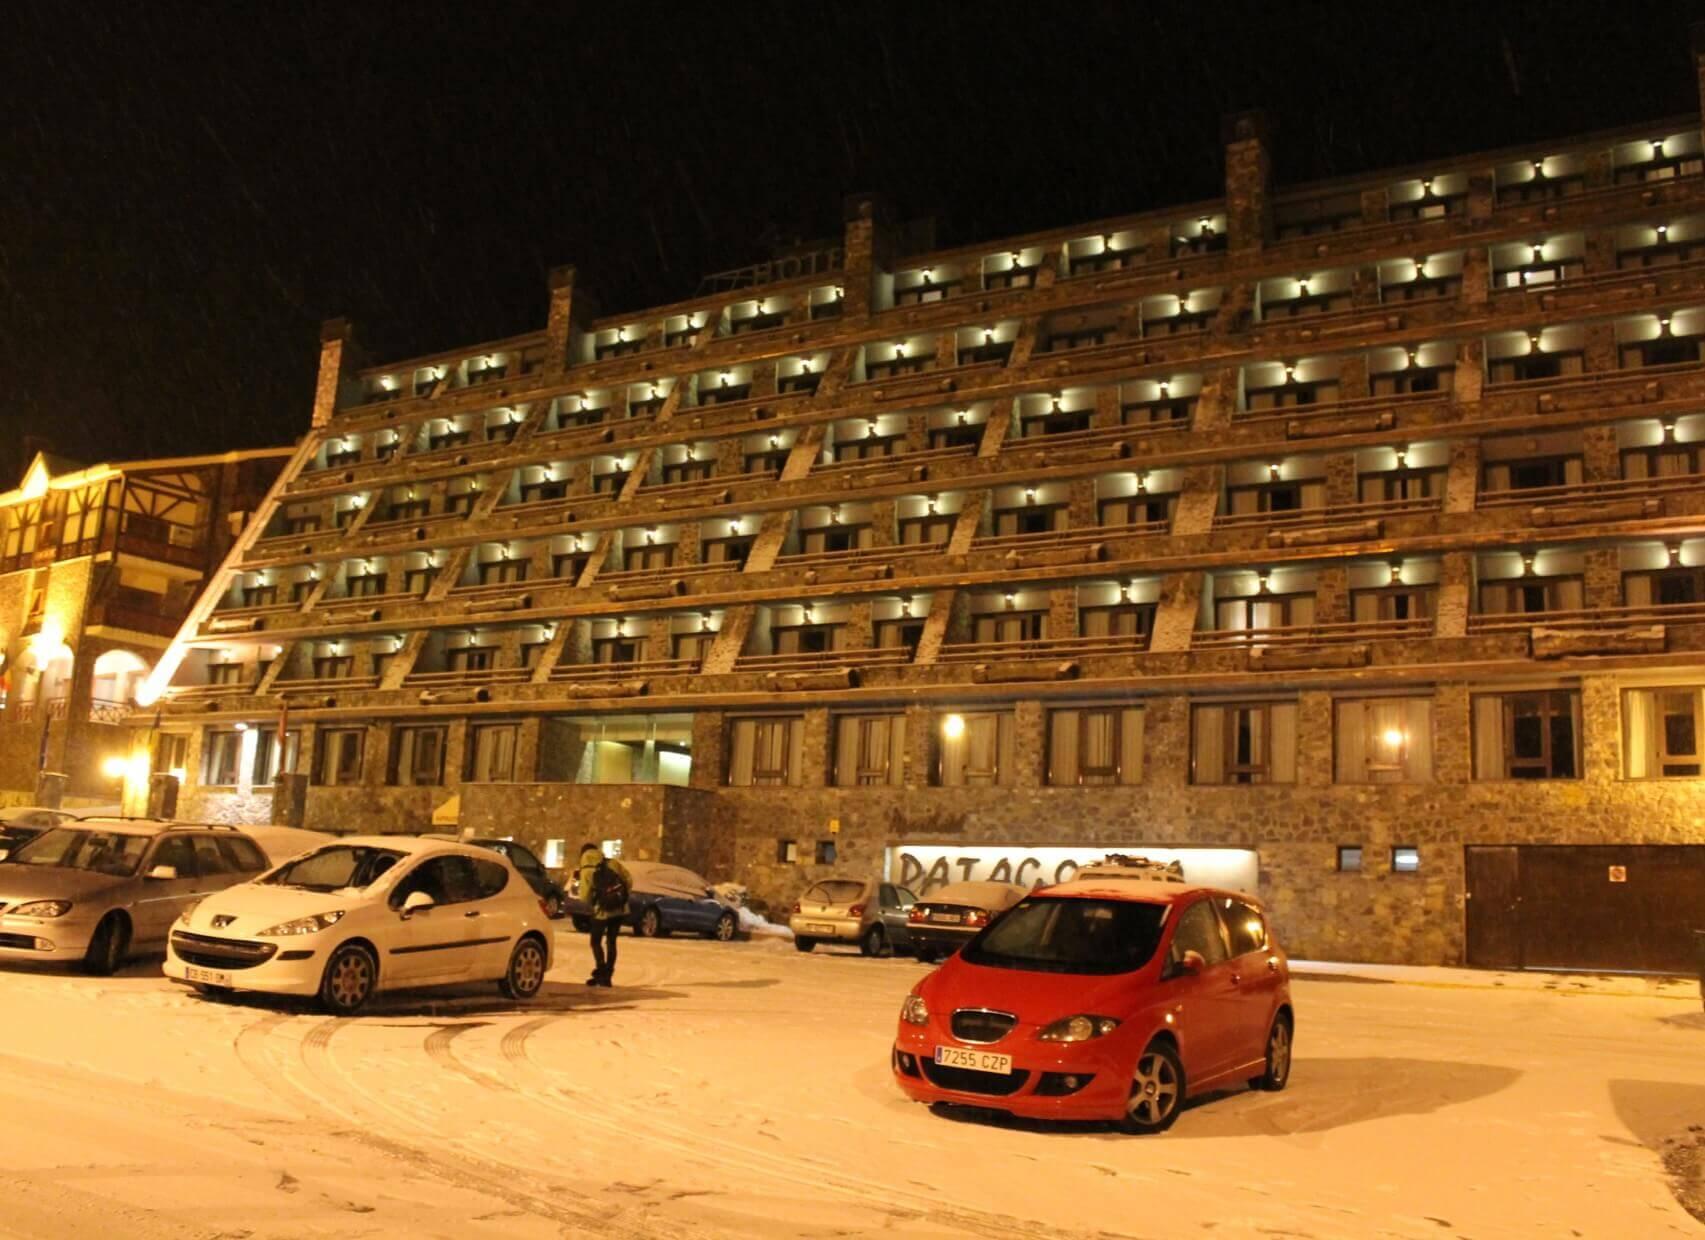 Patagonia fachada nocturna